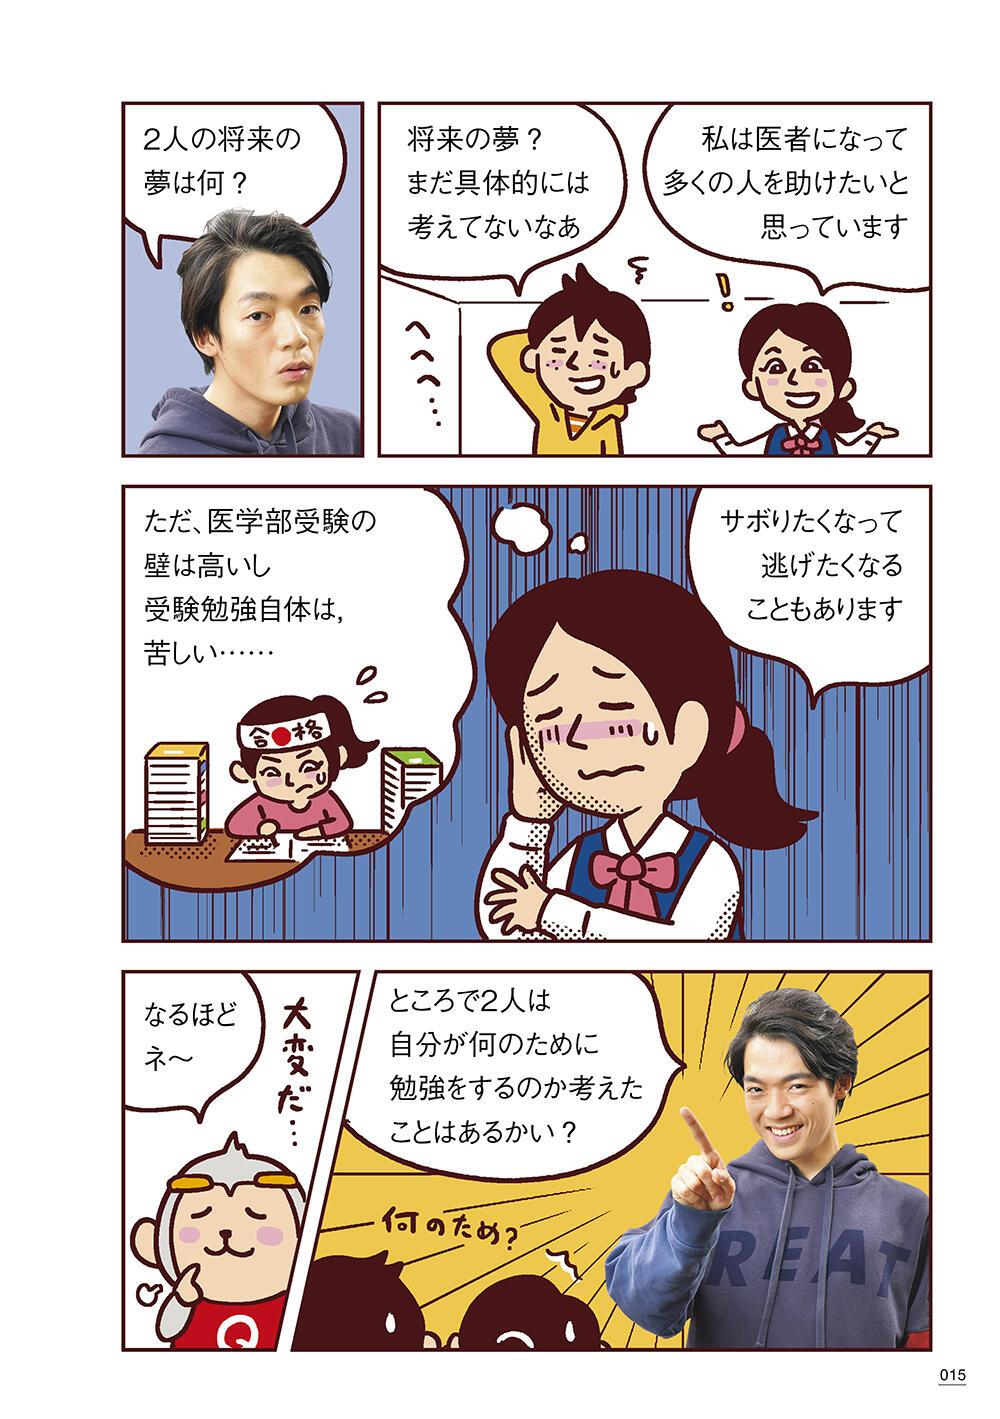 に 漫画 勉強 なる